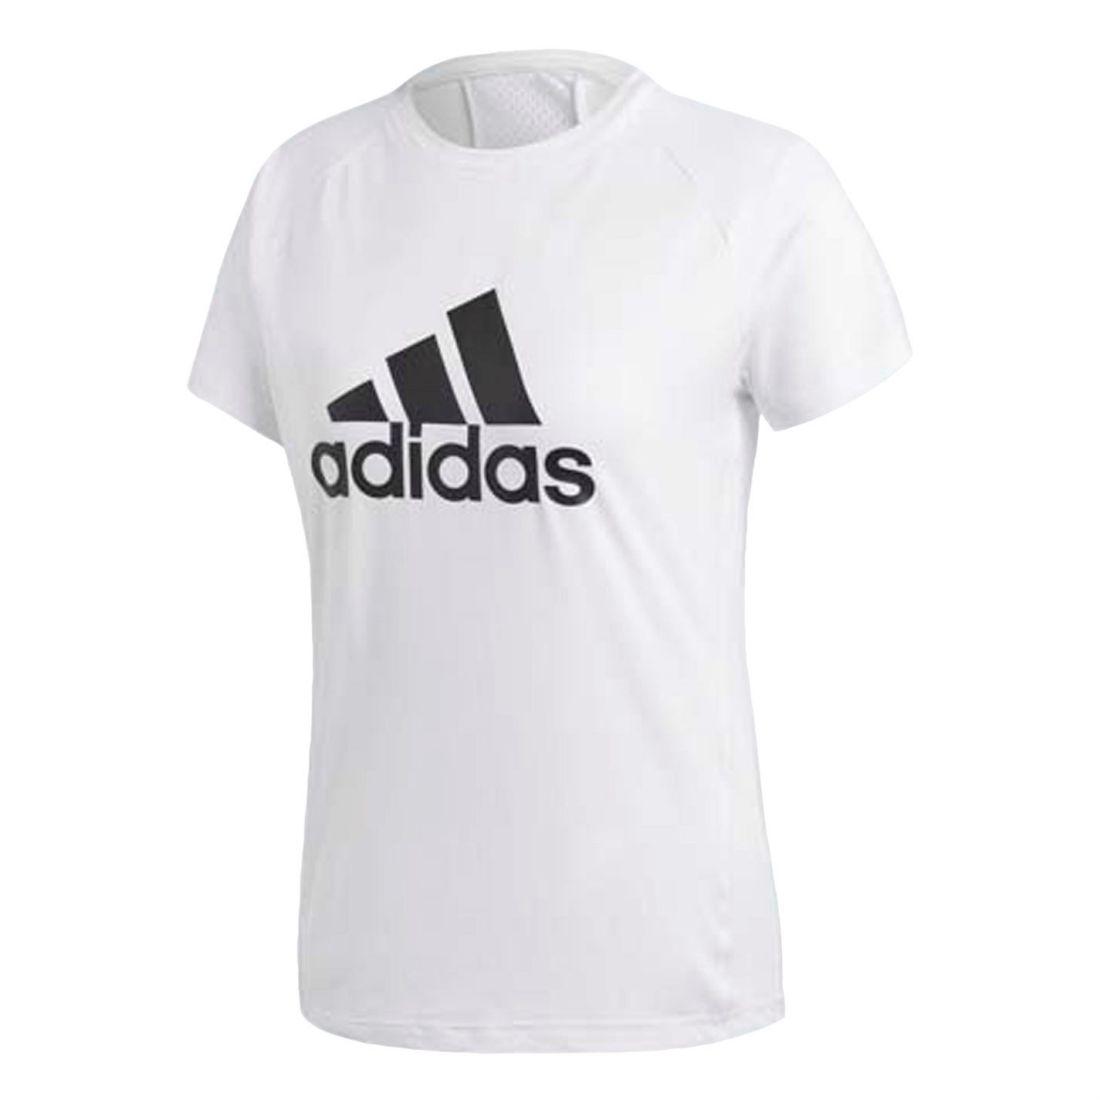 5d1dc9102a0e adidas Womens D2M Logo T Shirt Short Sleeve Performance Tee Top Crew Neck